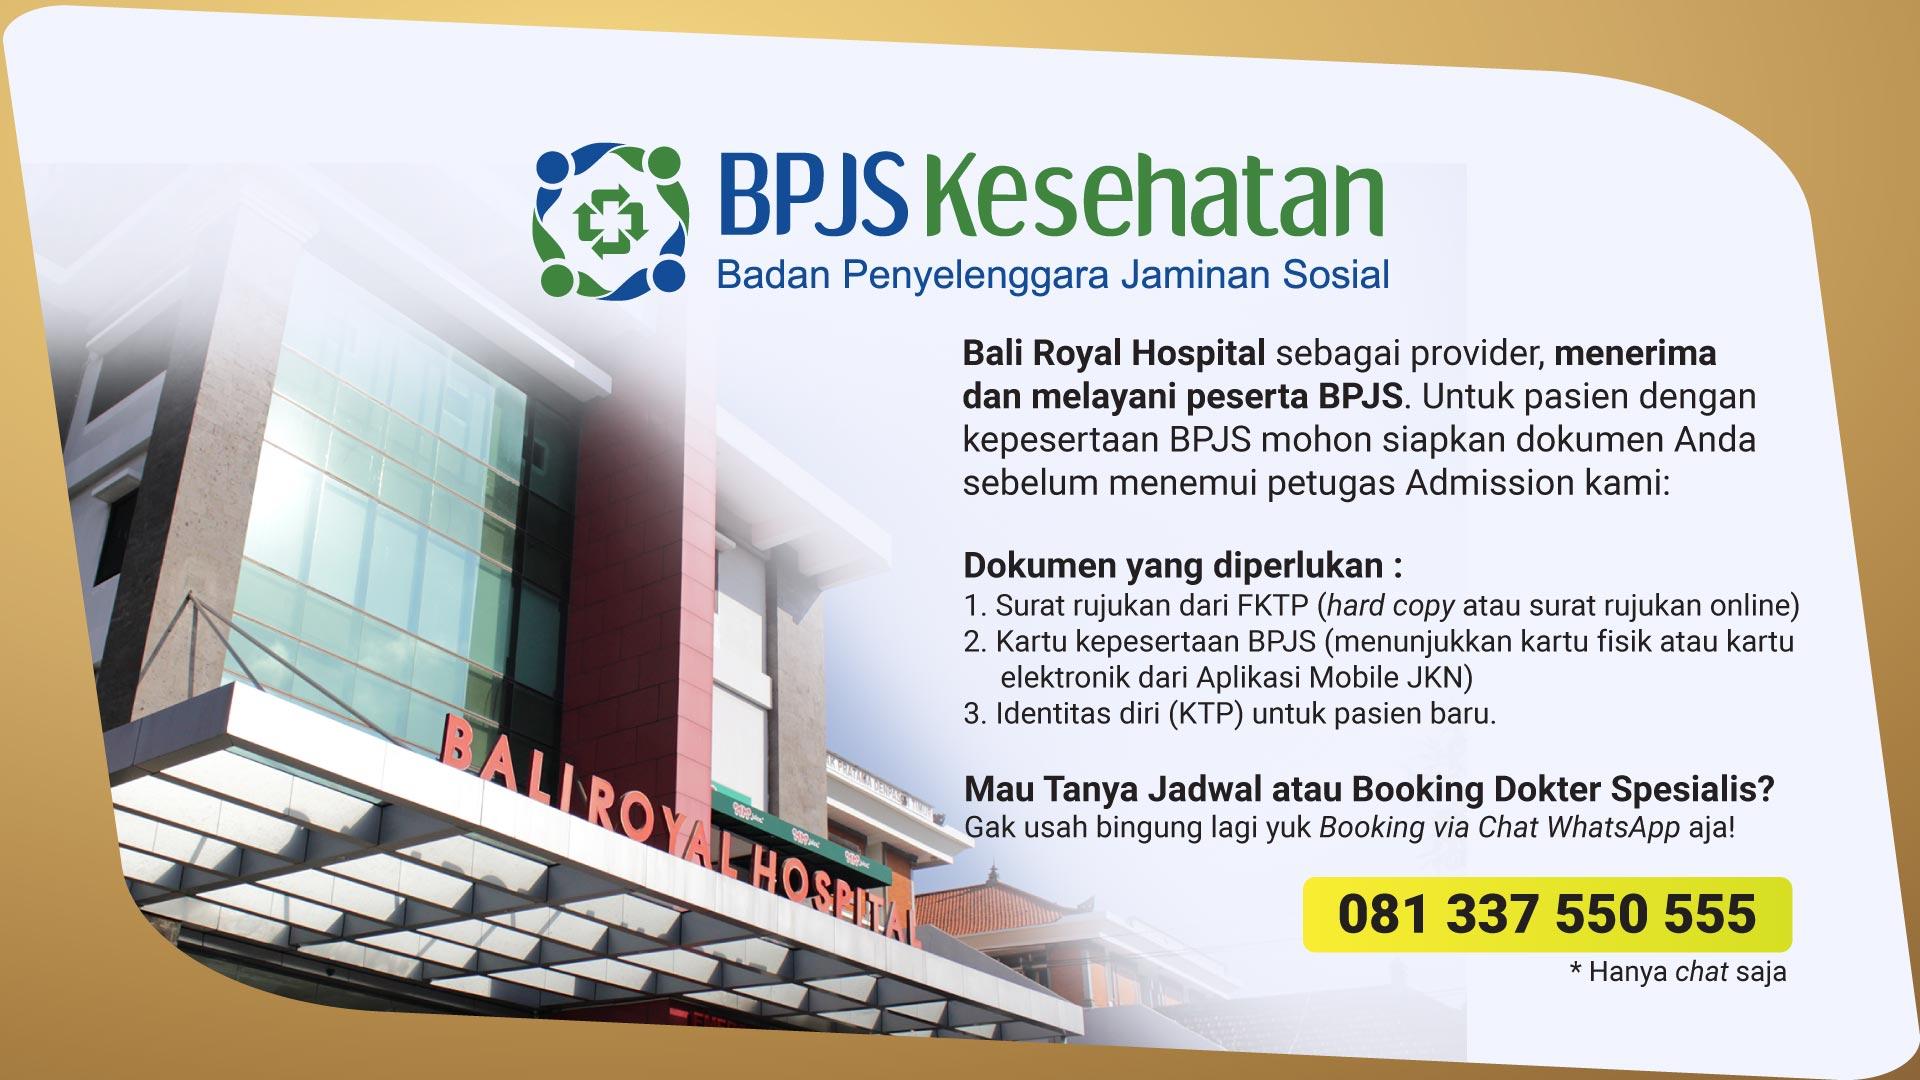 Layanan-BPJS-Kesehatan-di-Bali-Royal-Hospital